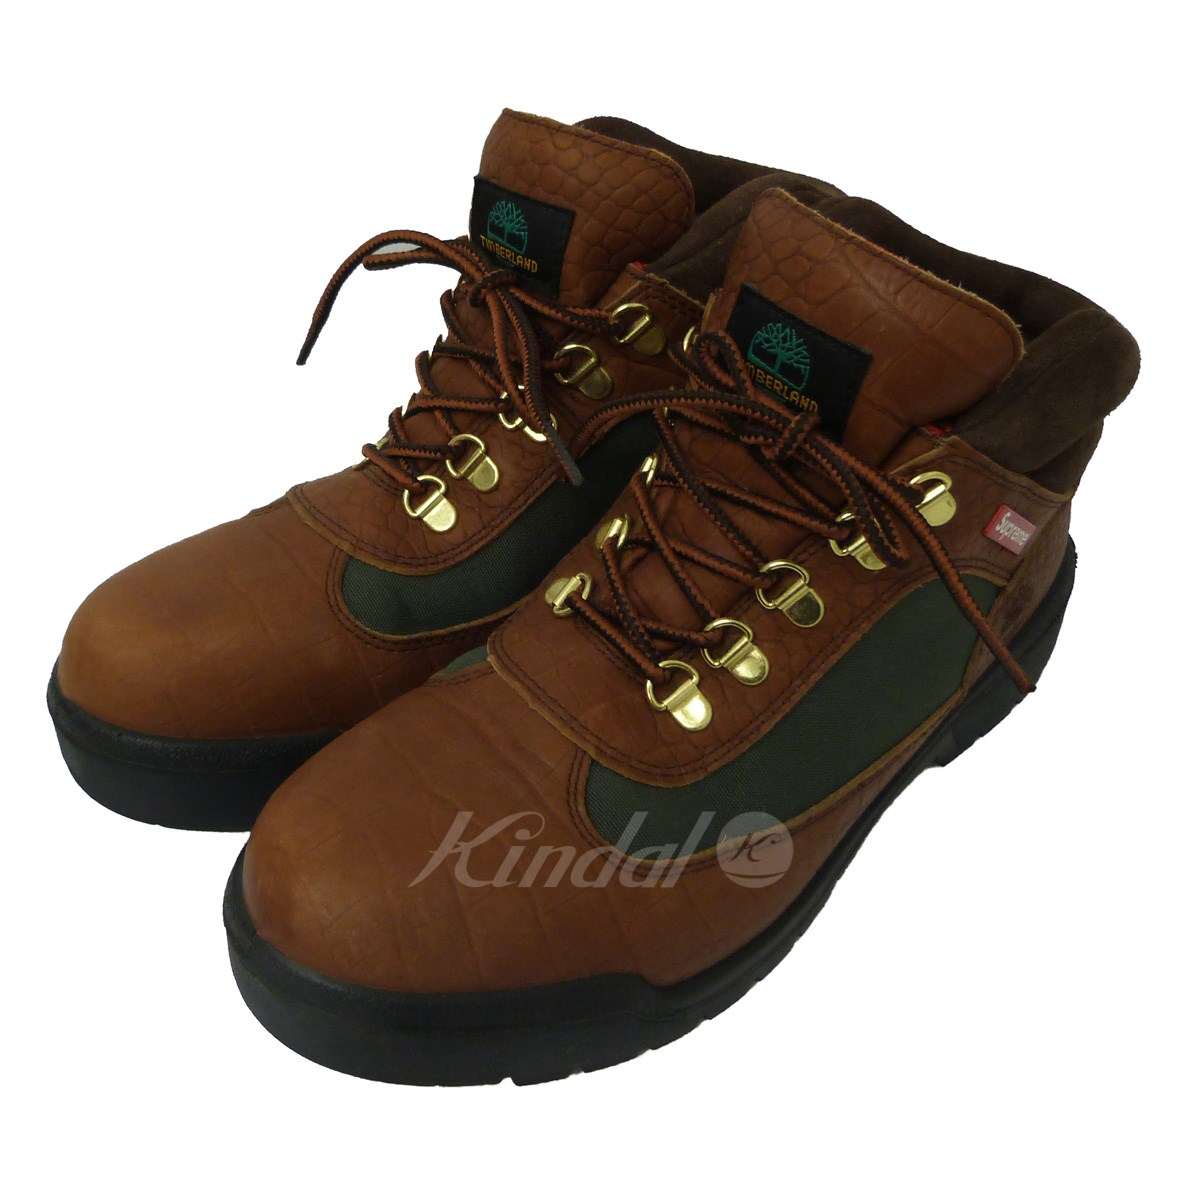 【中古】SUPREME×Timberland 16AW「Field Boot」フィールドブーツ ブラウン×カーキ サイズ:26.5cm 【送料無料】 【210618】(シュプリーム ティンバーランド)